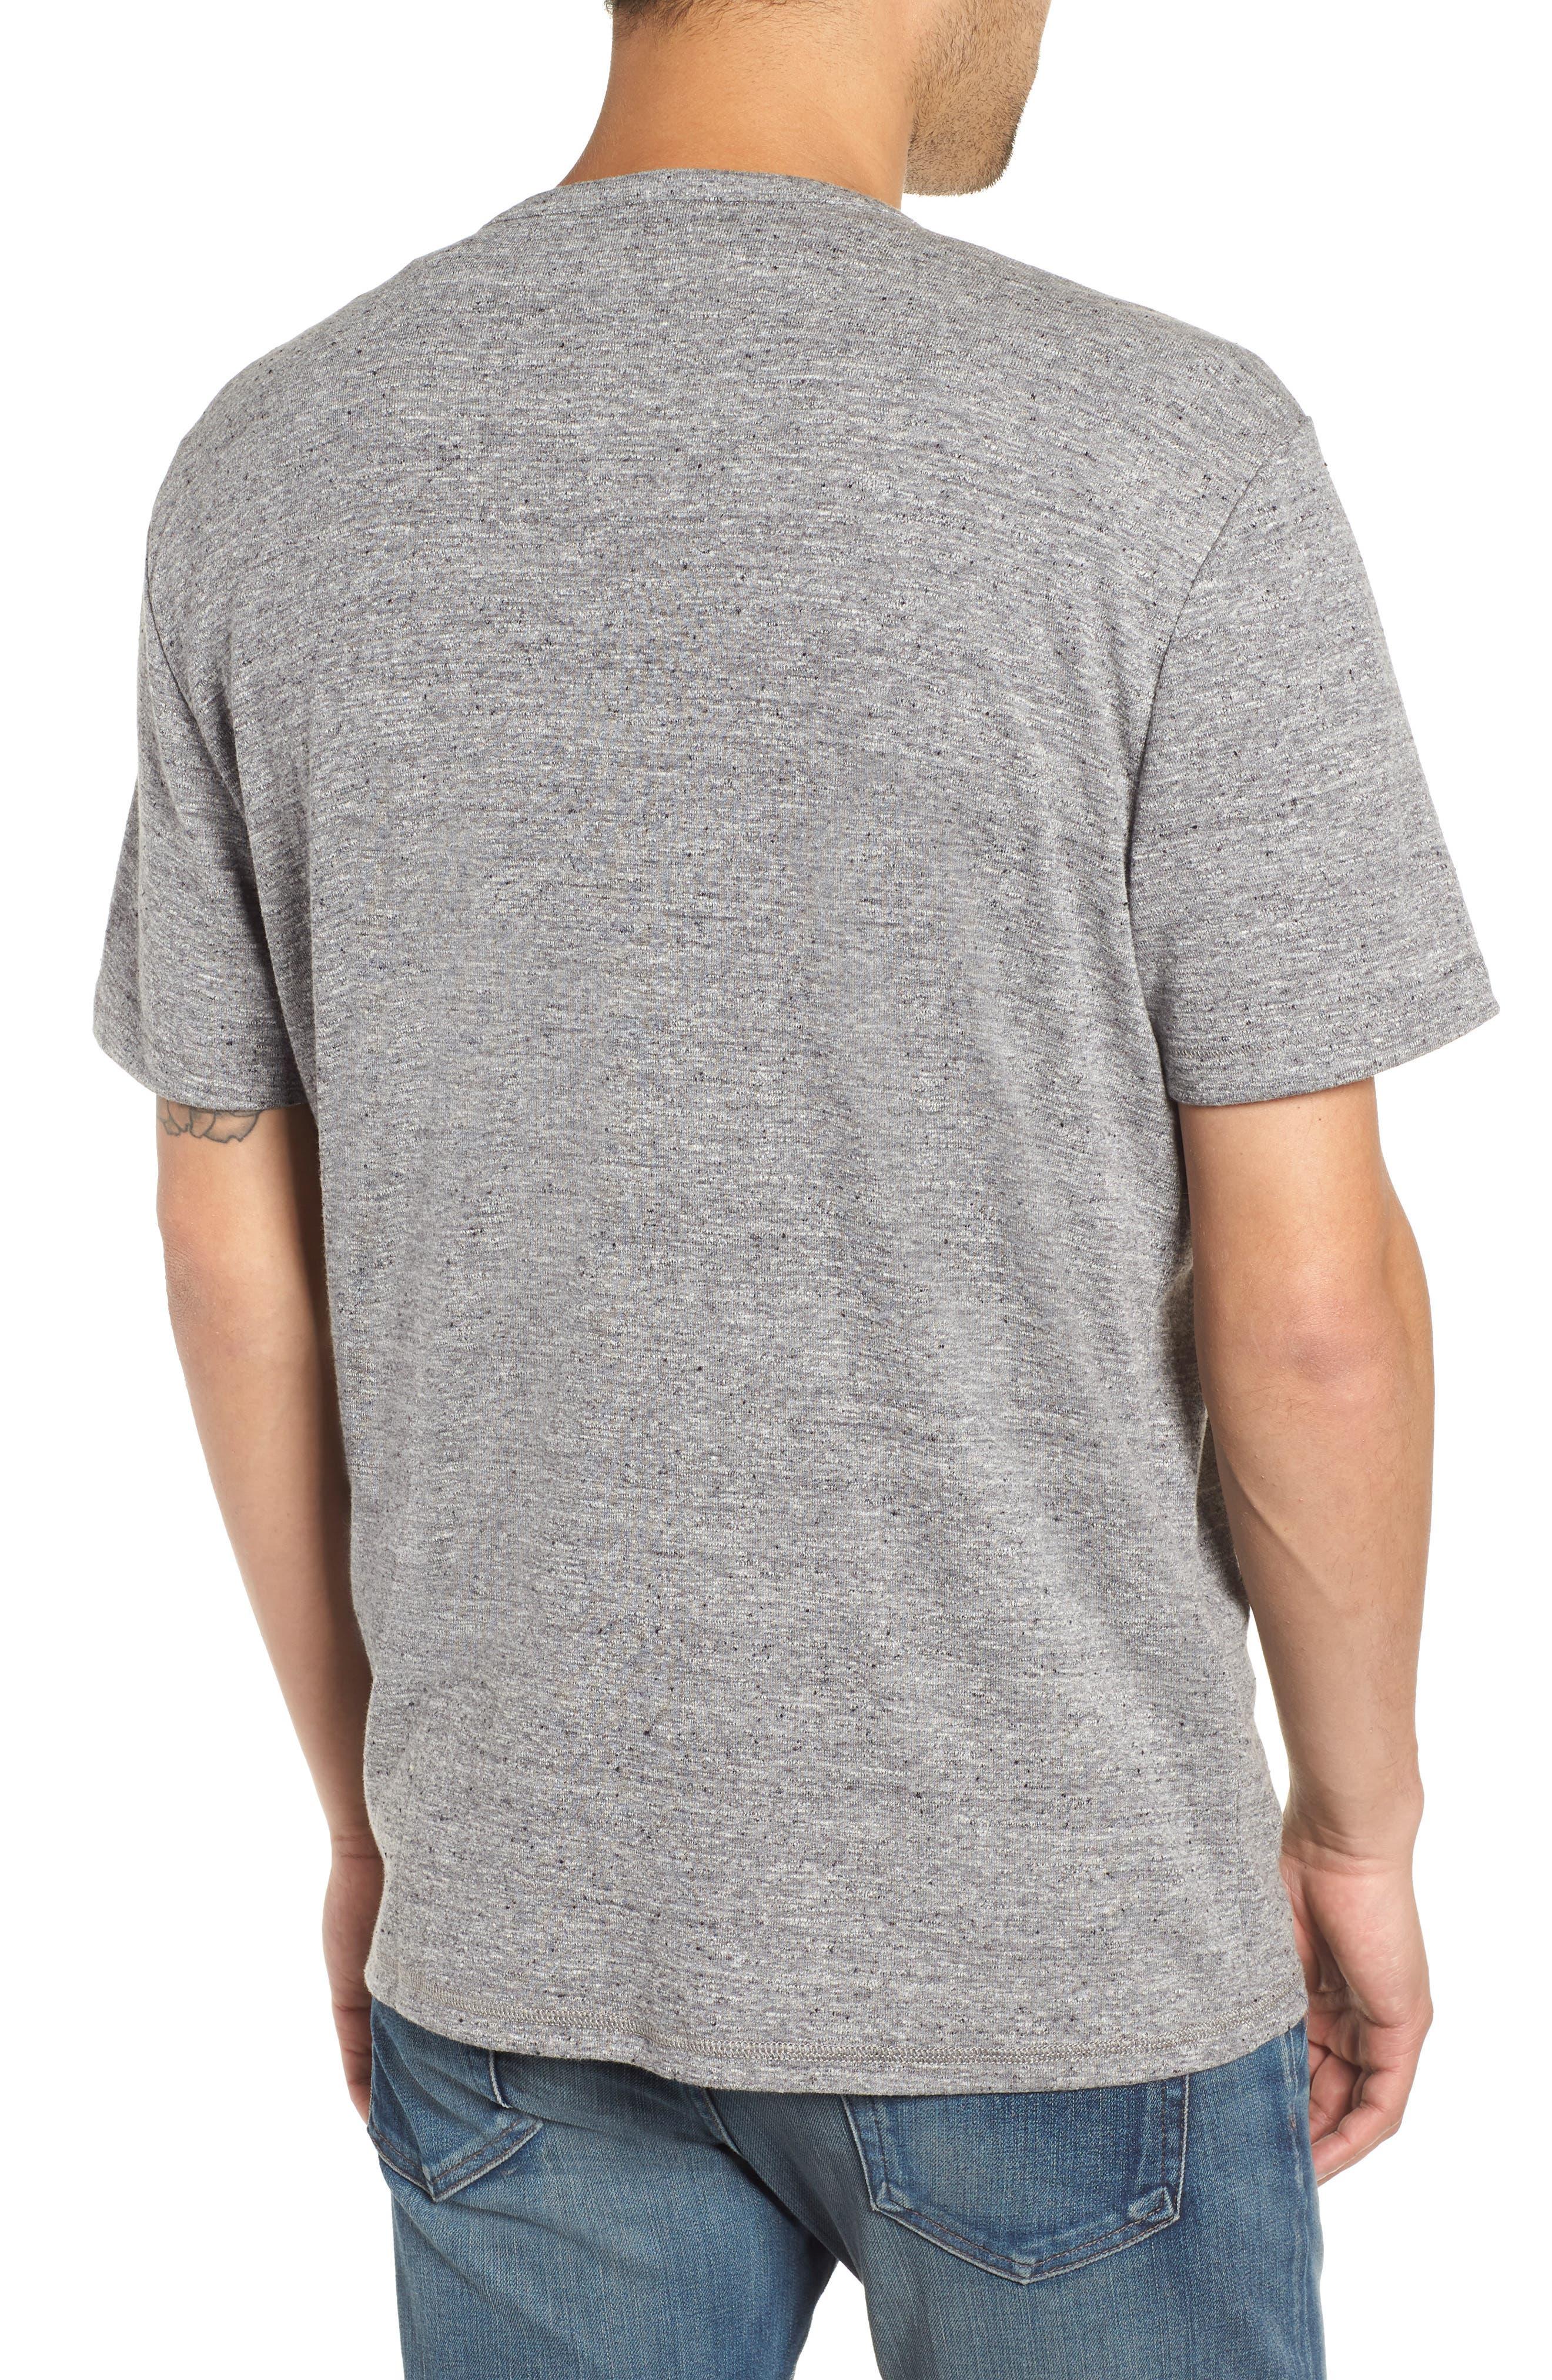 Nep Henley Shirt,                             Alternate thumbnail 2, color,                             021